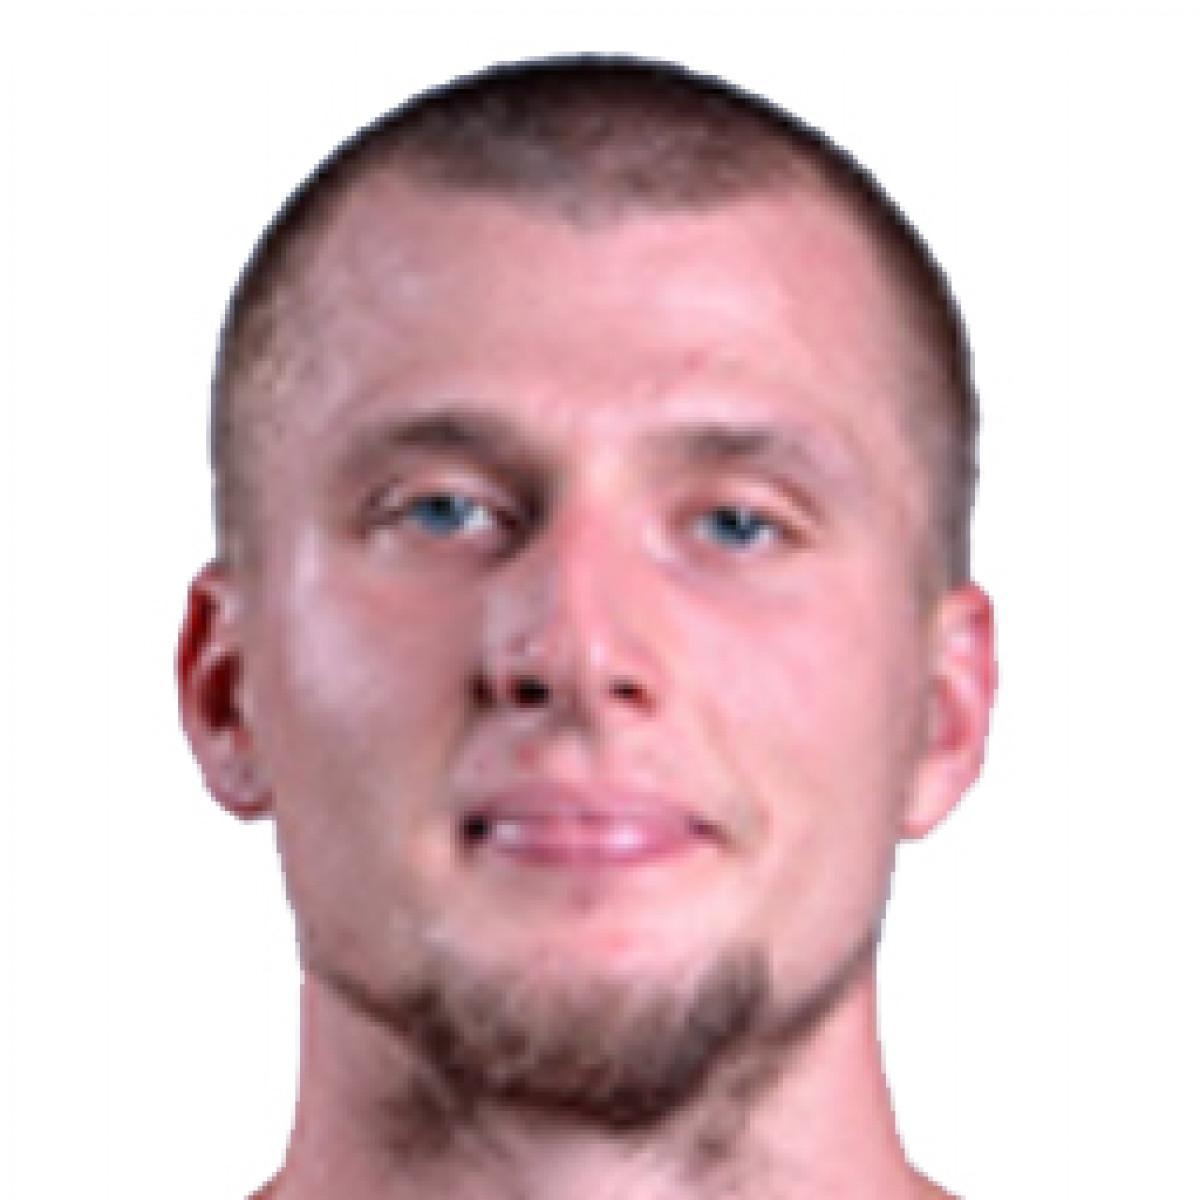 Mateusz Dziemba